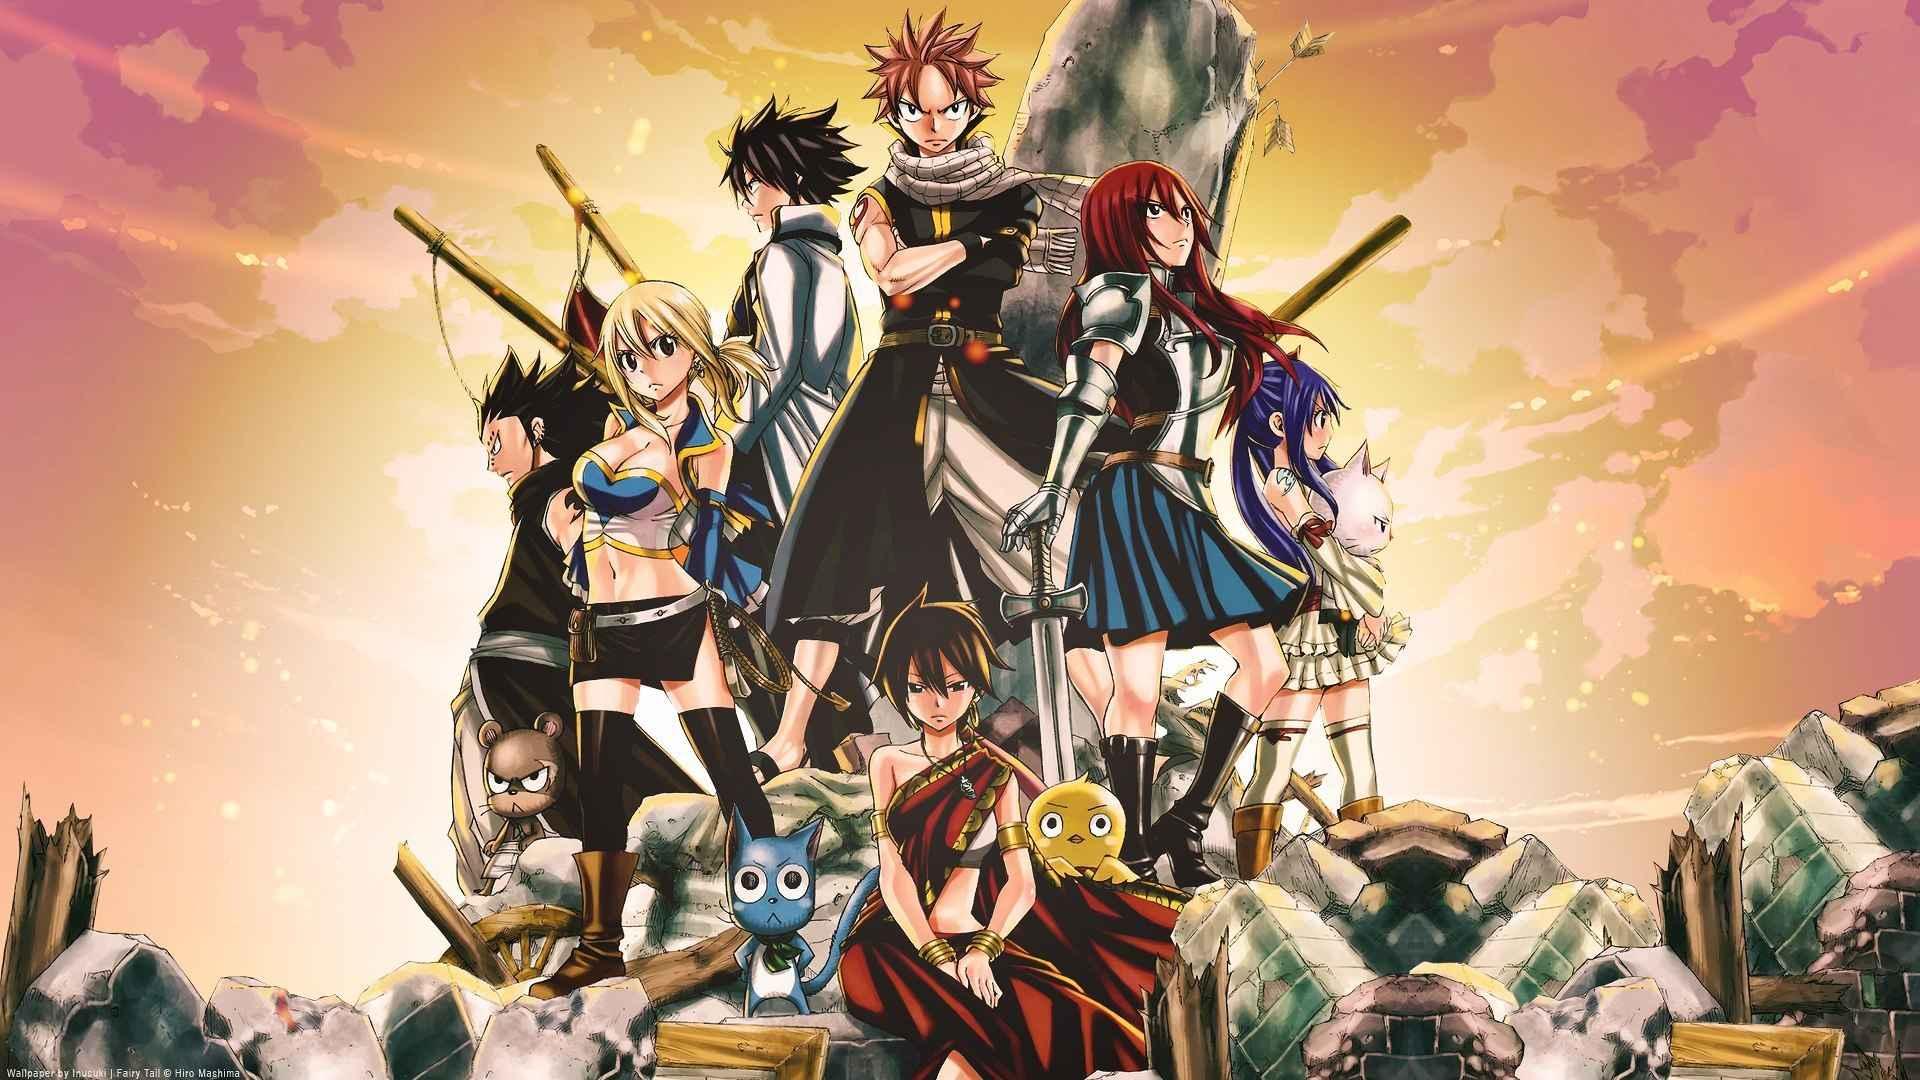 Nice anime wallpaper